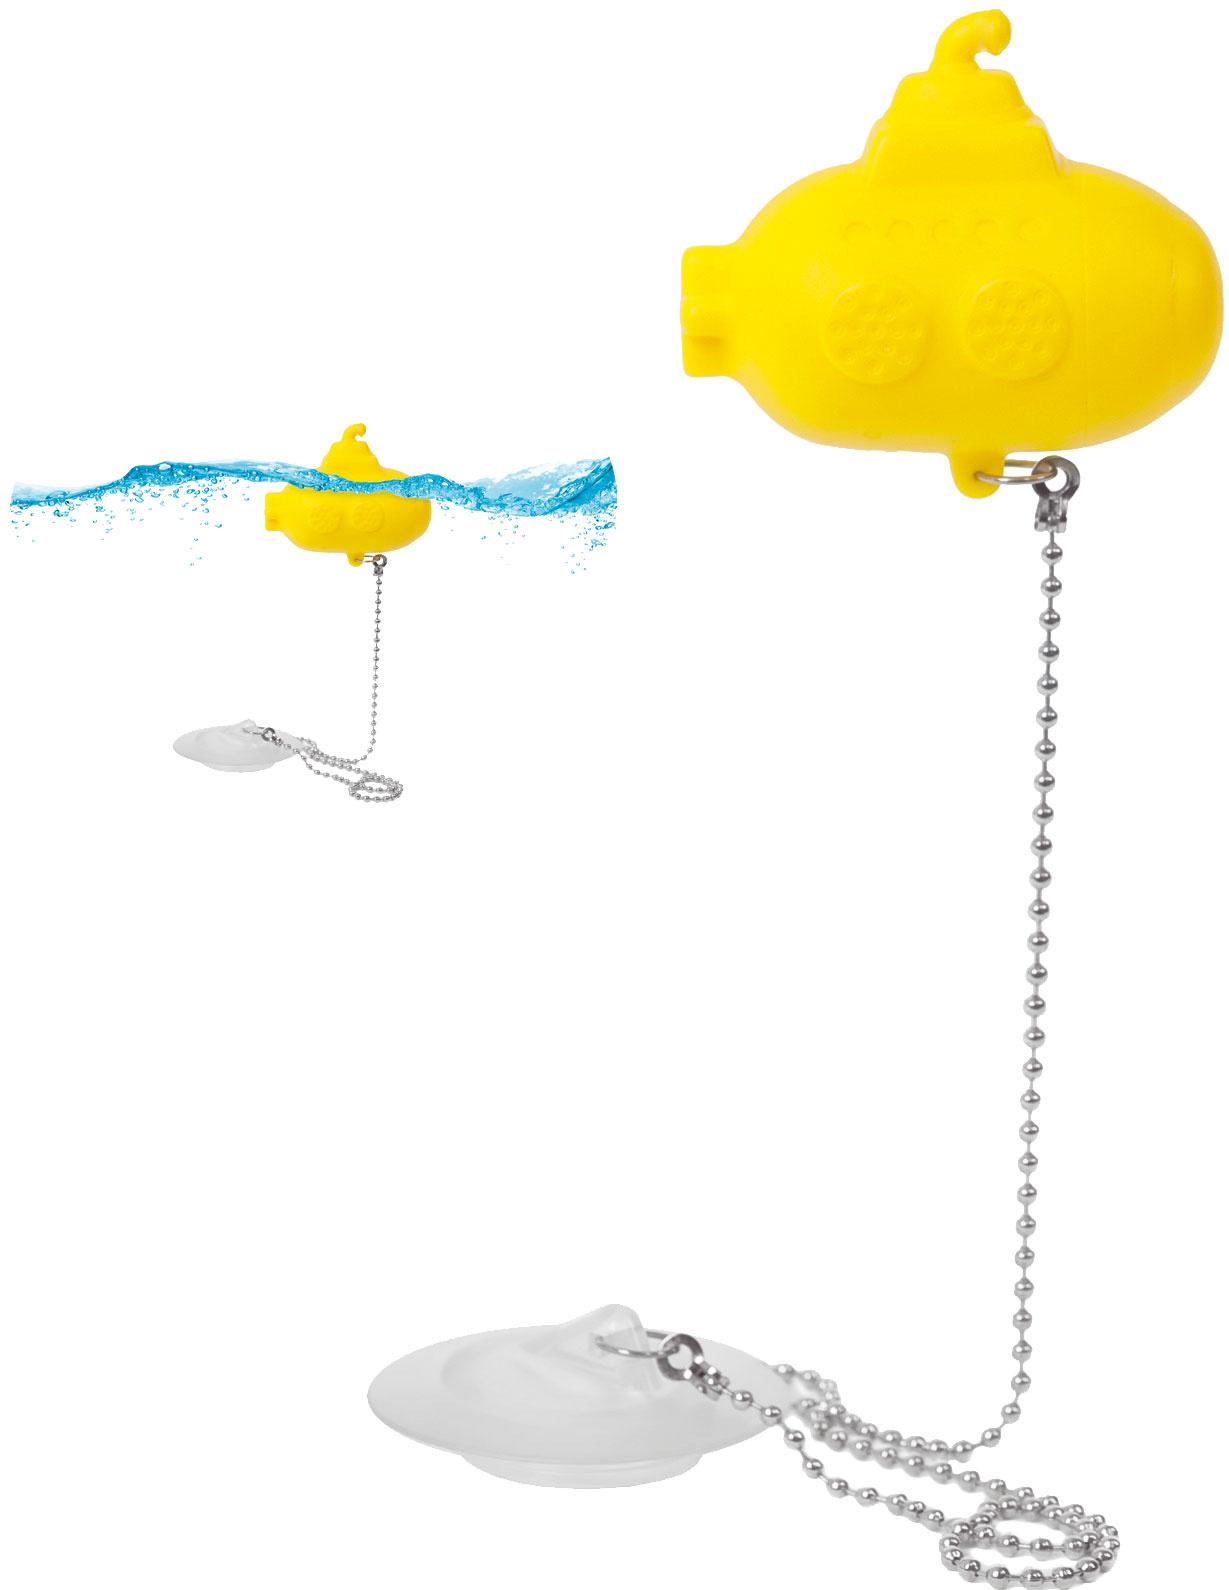 Kačička verzus žltá ponorka? Zatiaľ čo prvá zostáva na vaňovej hladine, univerzálny uzáver sa prisaje kodtoku vane, drezu aj umývadla – 1 :  0 pre ponorku. Uzáver odtoku BALVI Žltá ponorka, 7,02 €, www.bytovedoplnky.sk